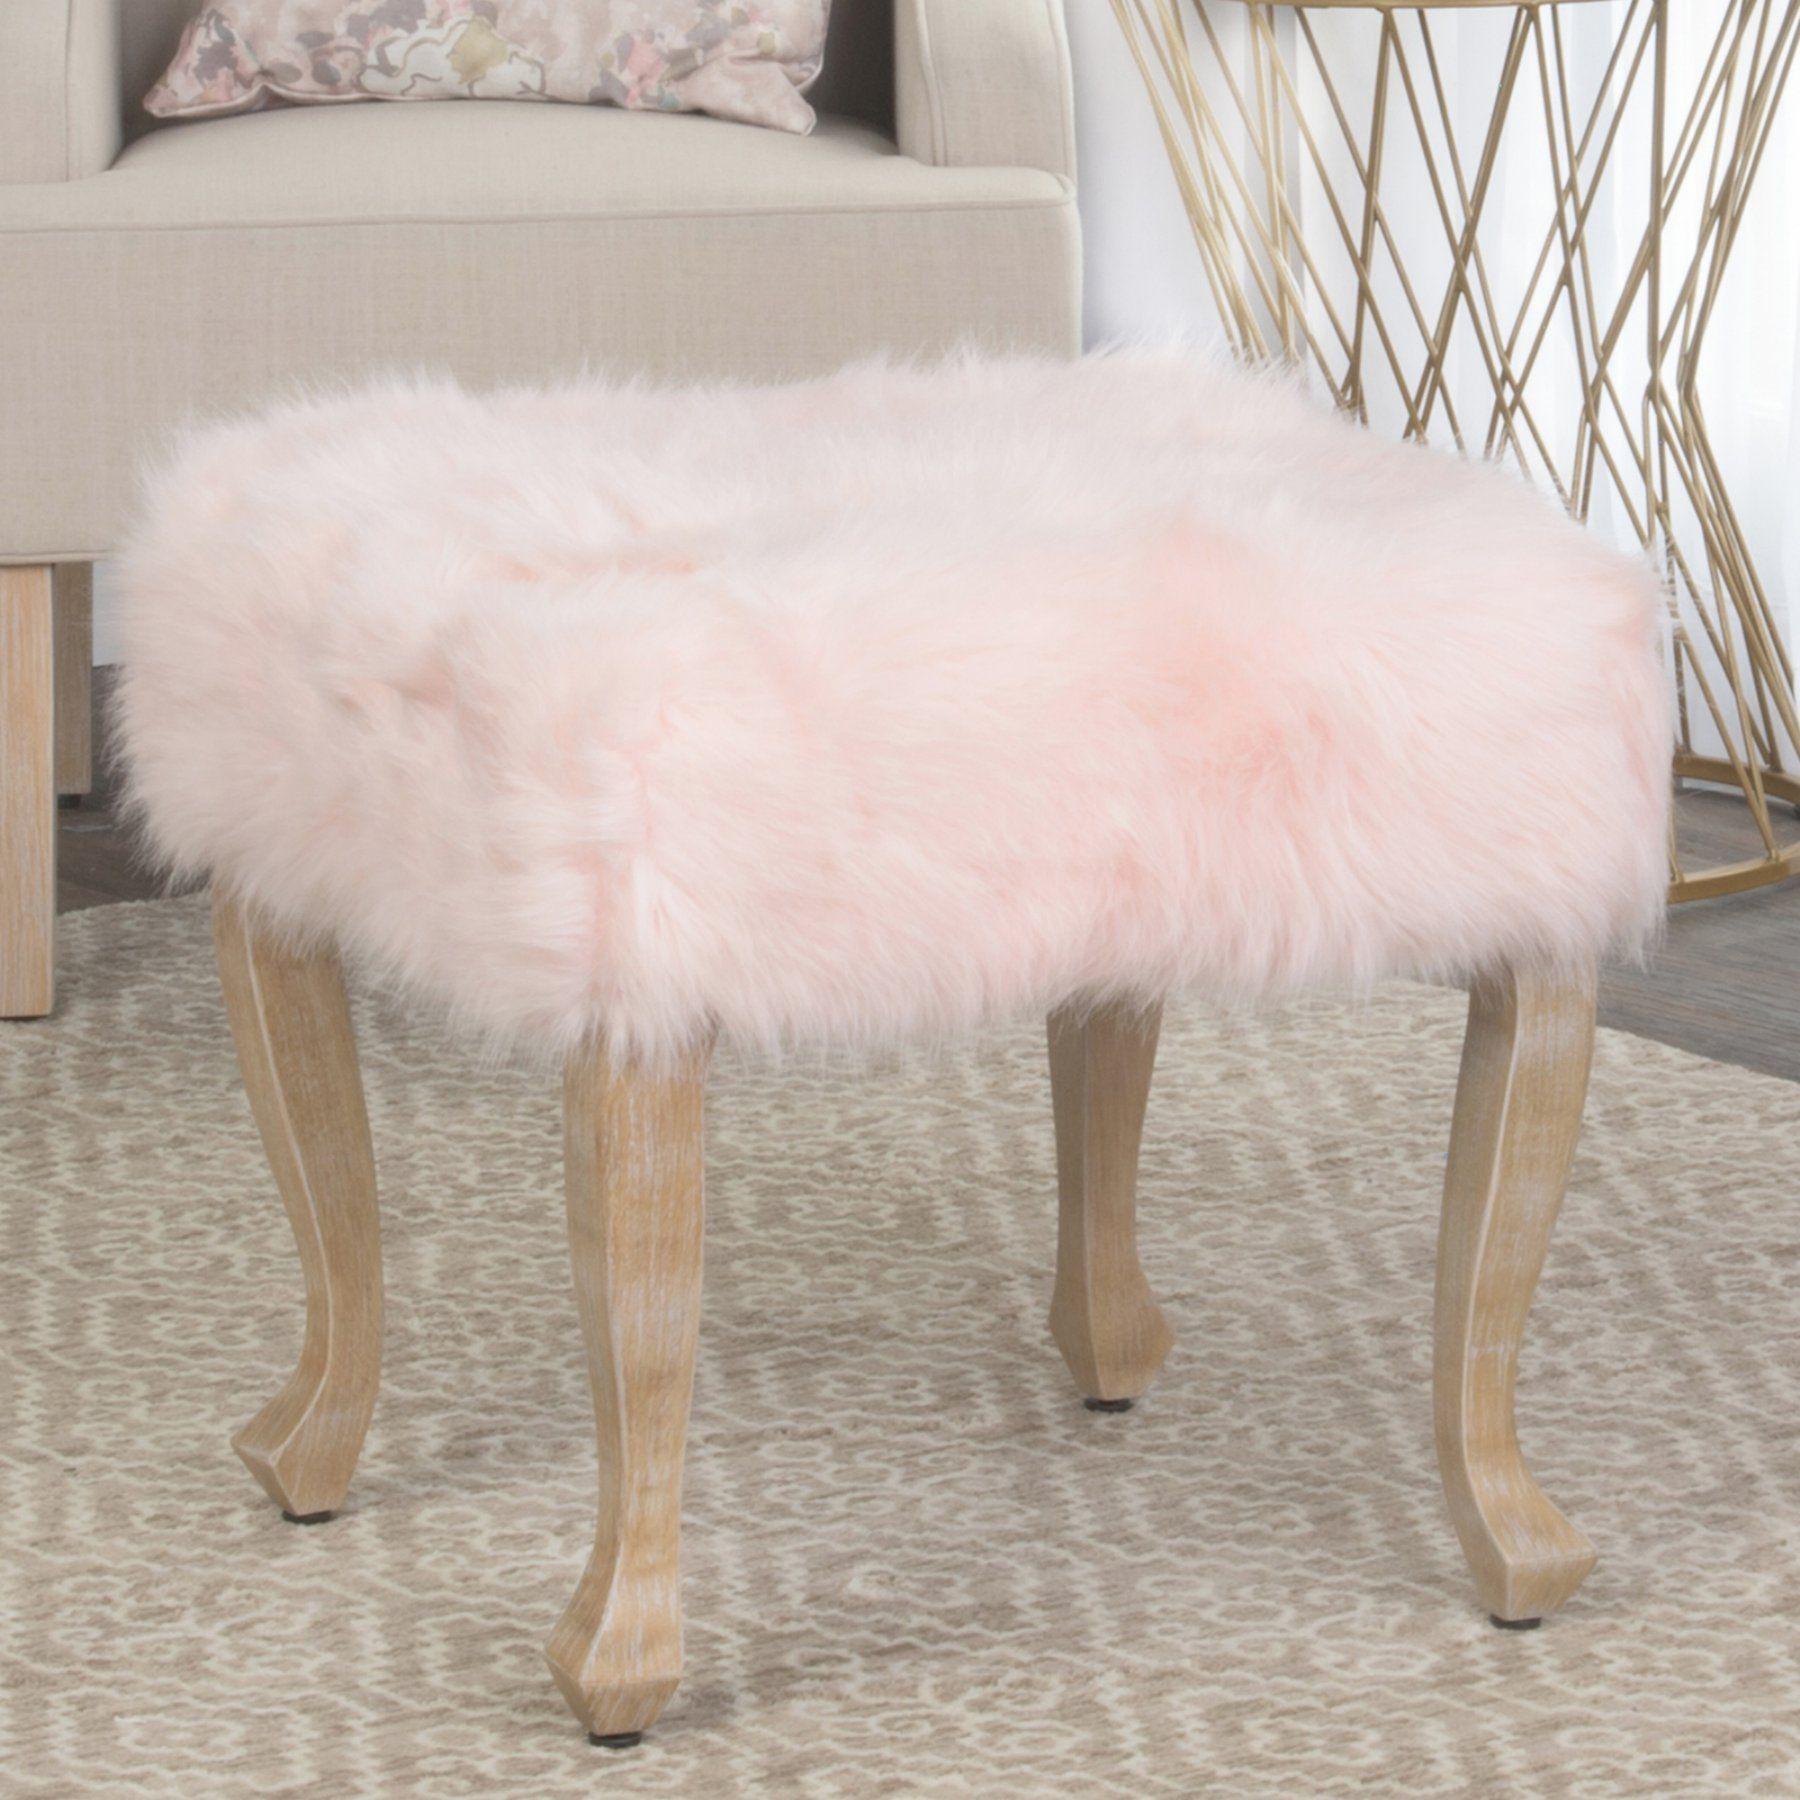 HomePop Fur Square Stool K7501B233 Fur stool, Faux